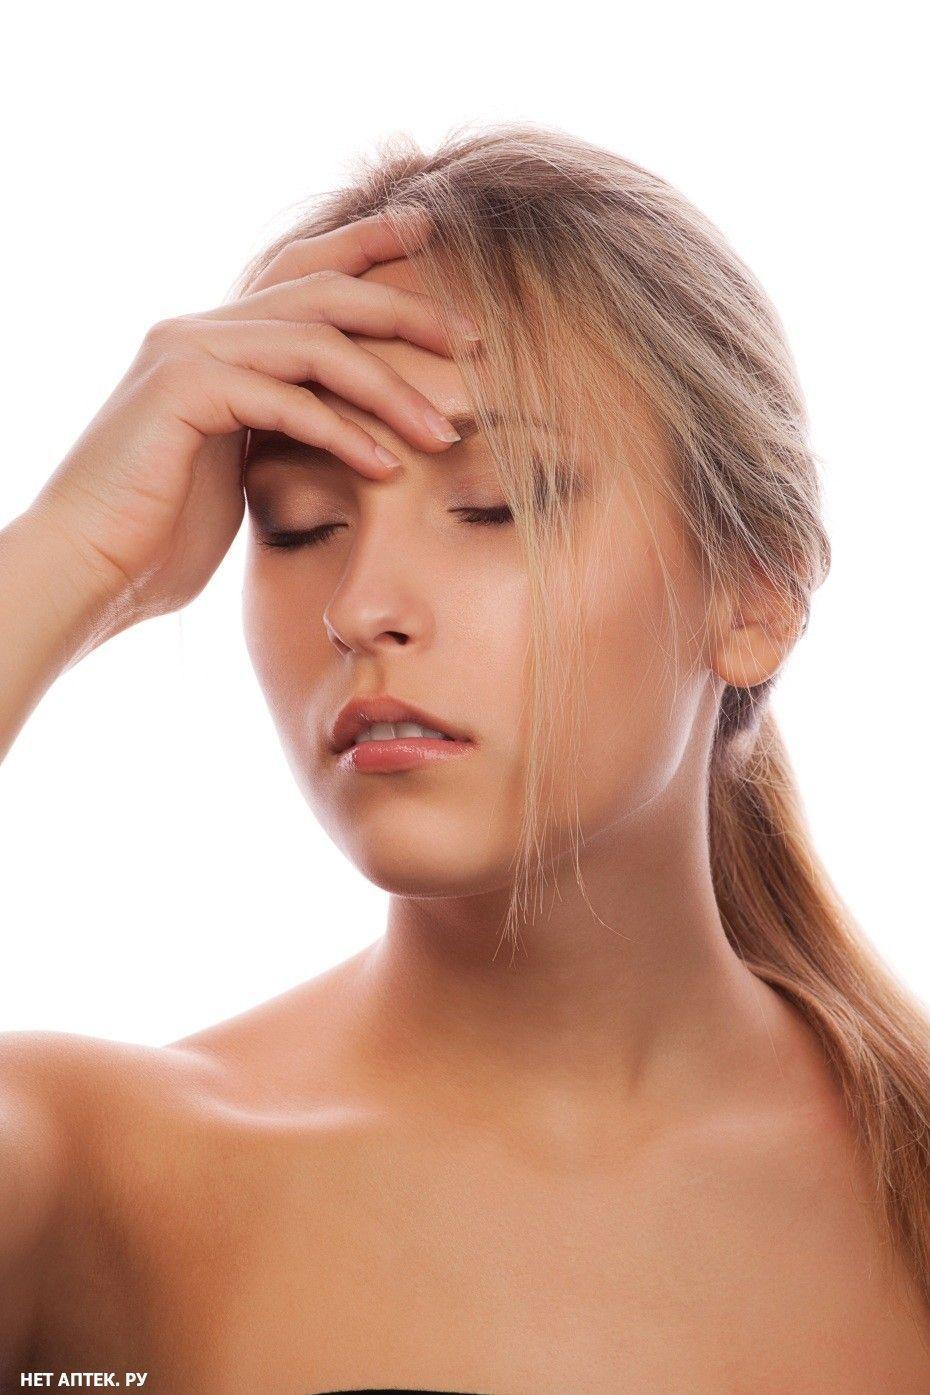 Пітливість підвищена через псіхологіеского напруги